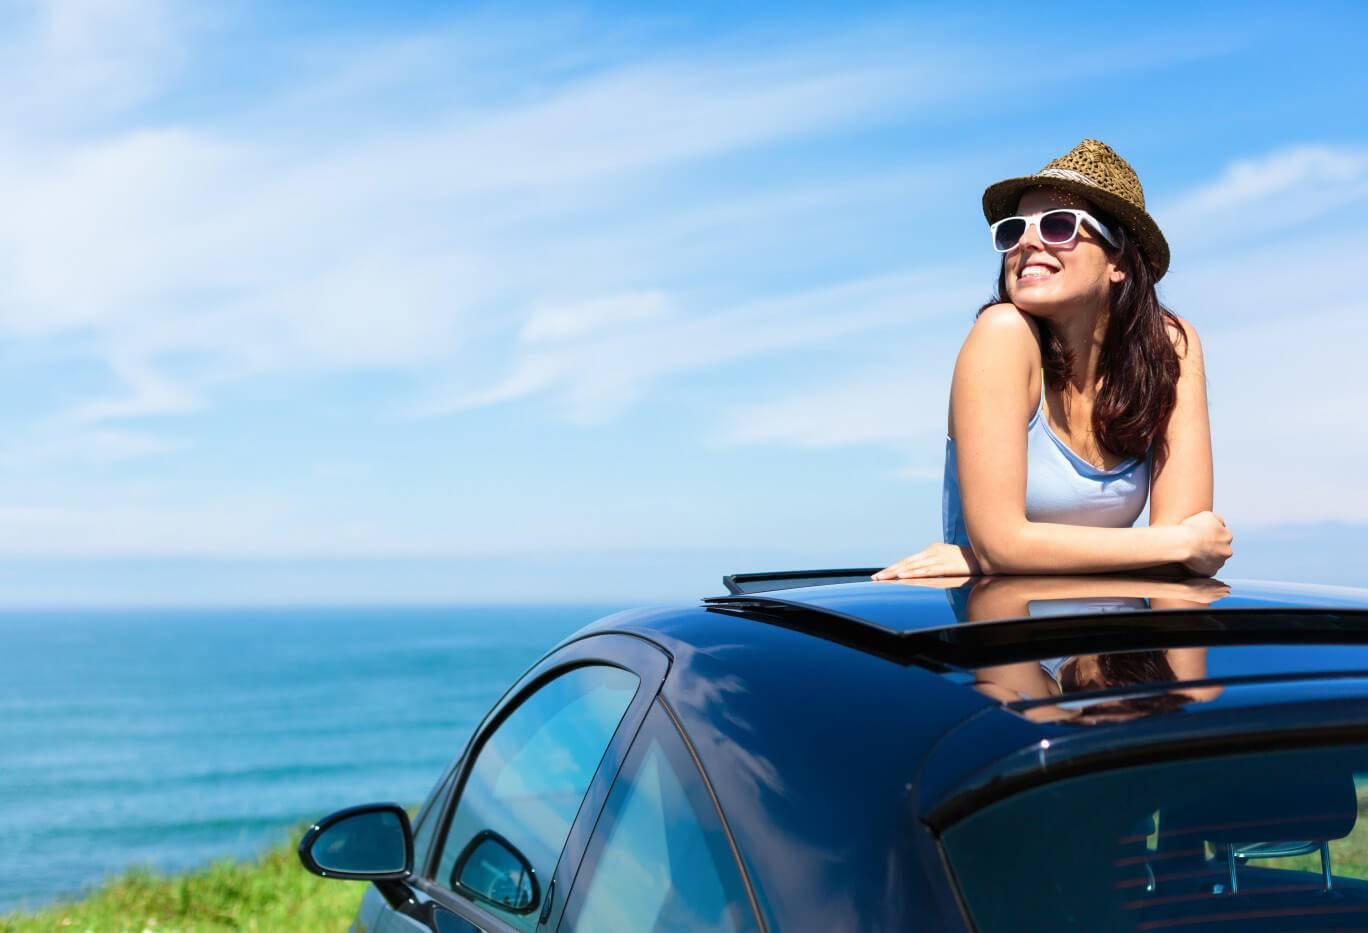 Помогите спланировать поездку по югу испании - советы, вопросы и ответы путешественникам на трипстере